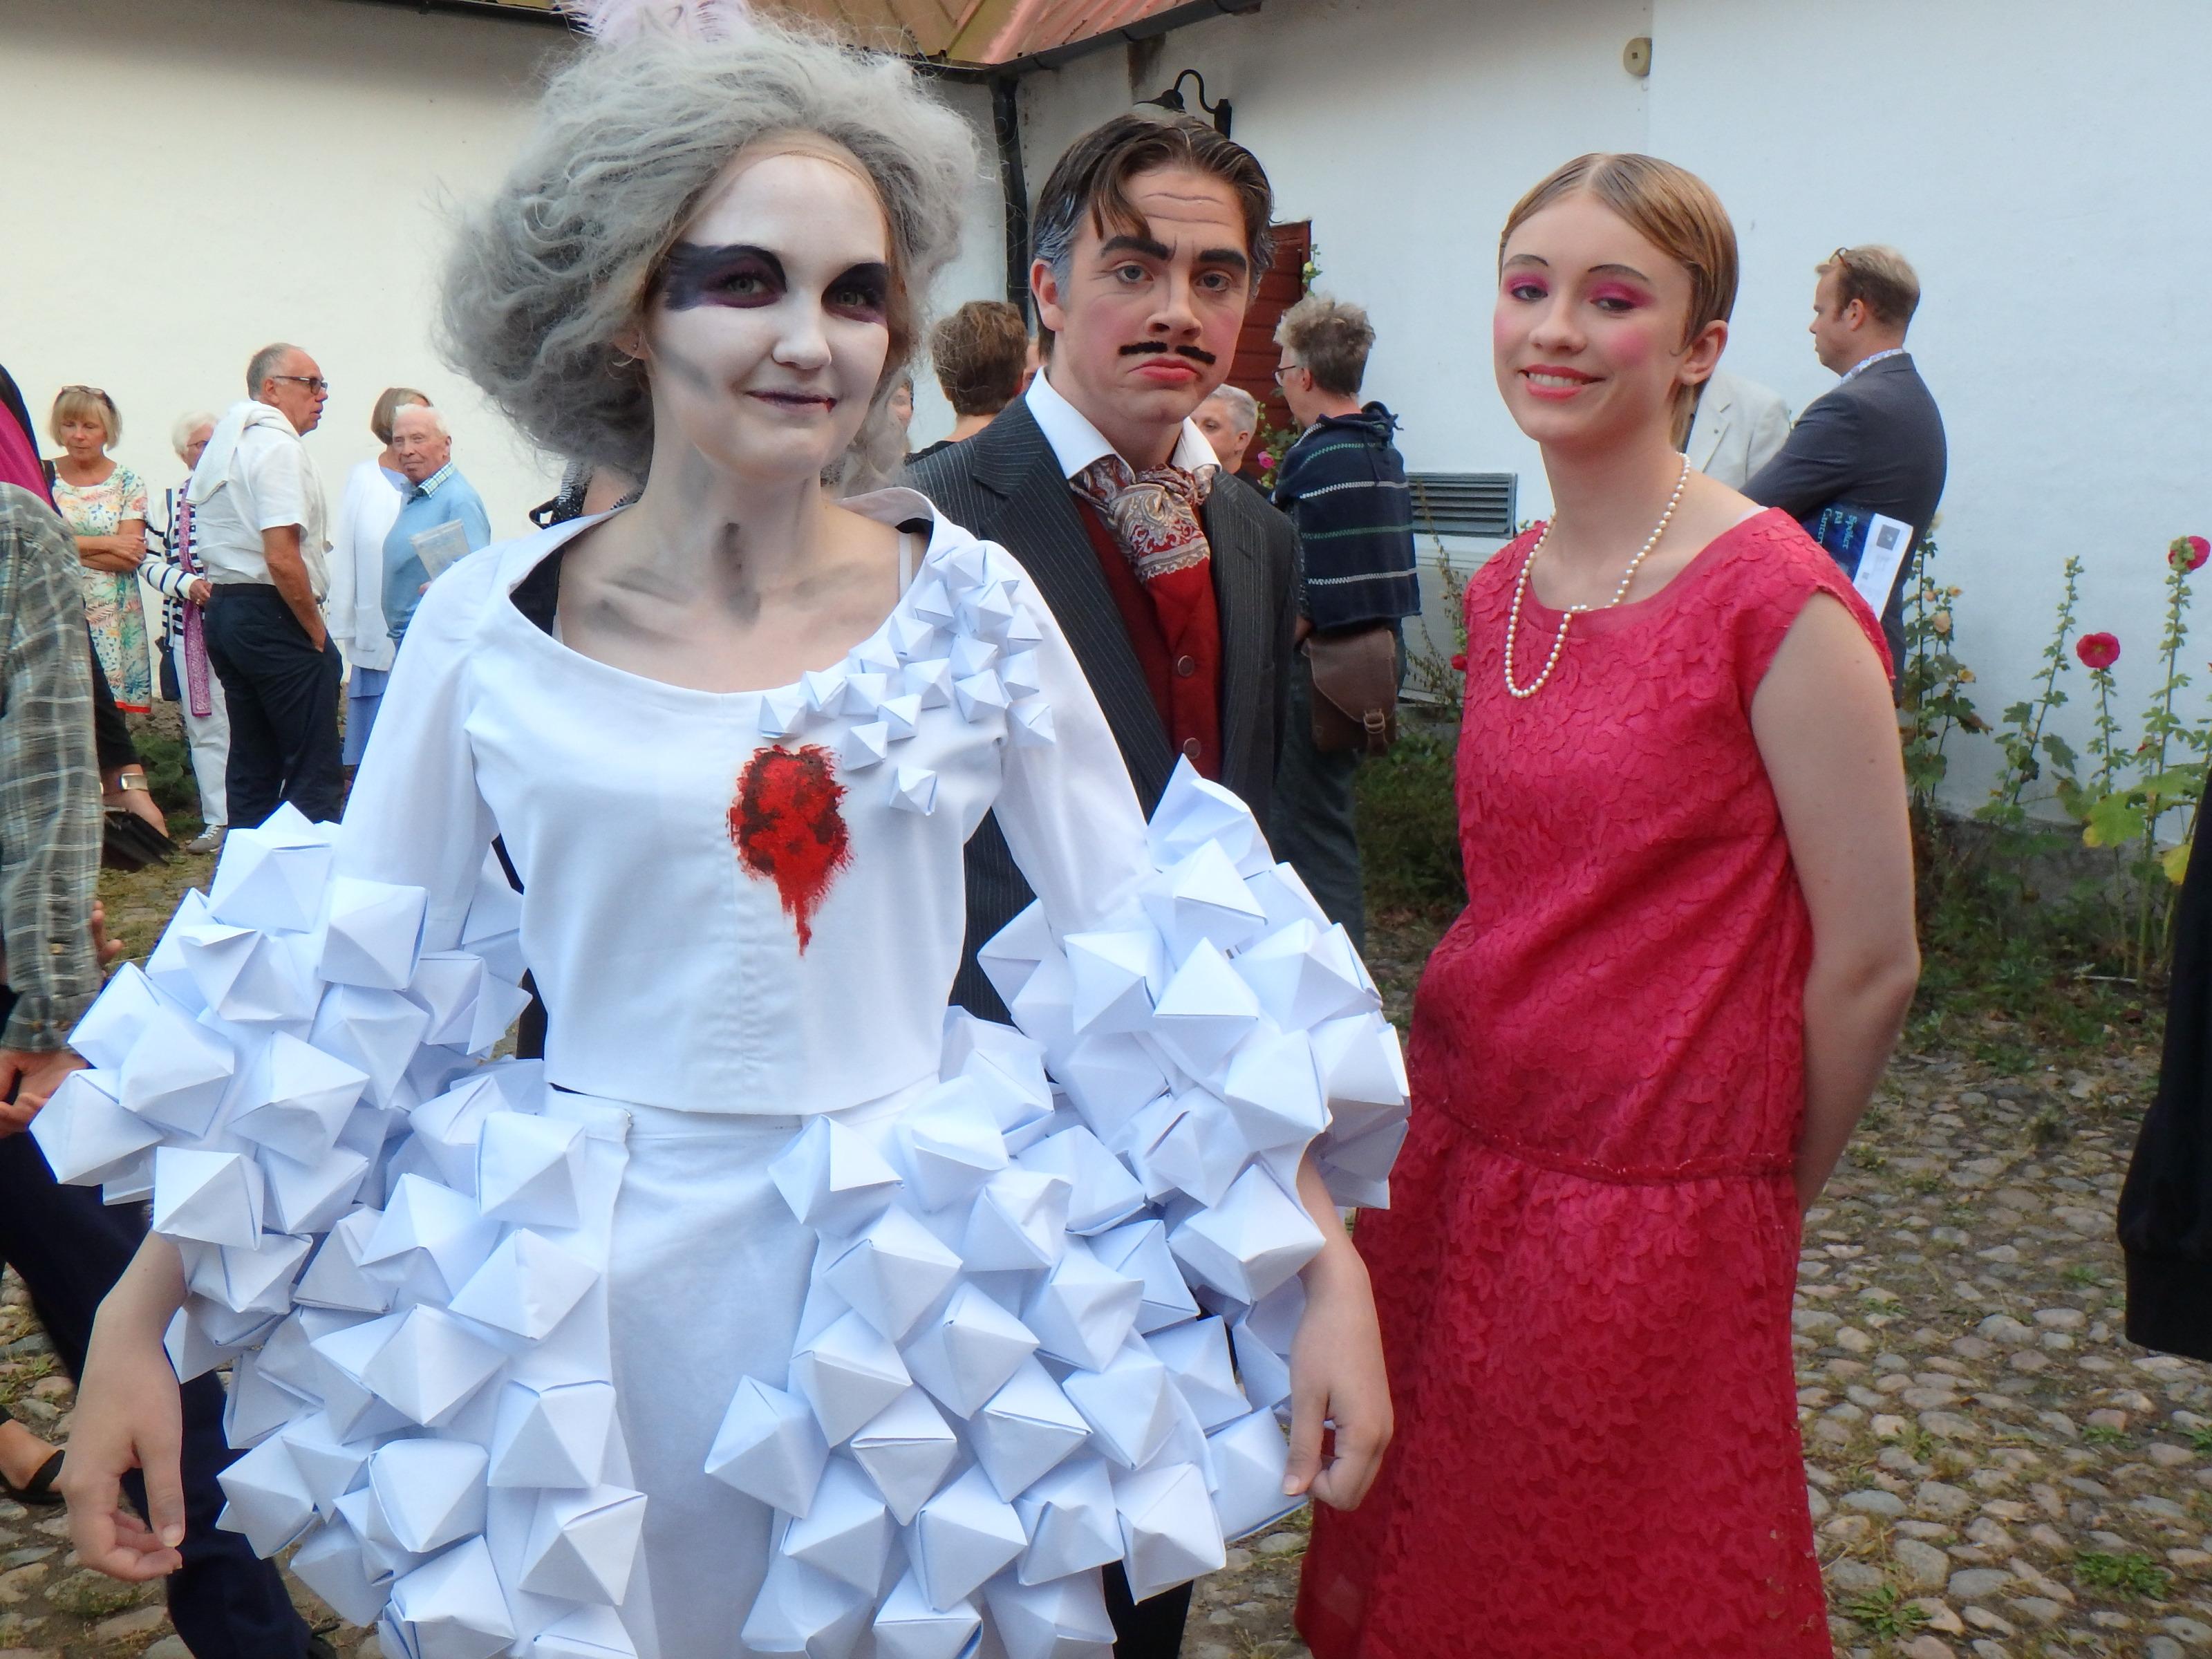 En fantastisk origami-klänning klär spöket Lady Eleanor... Den amerikanske dollarmiljonären och syster Sis beundrar den - Foto: Belinda Graham